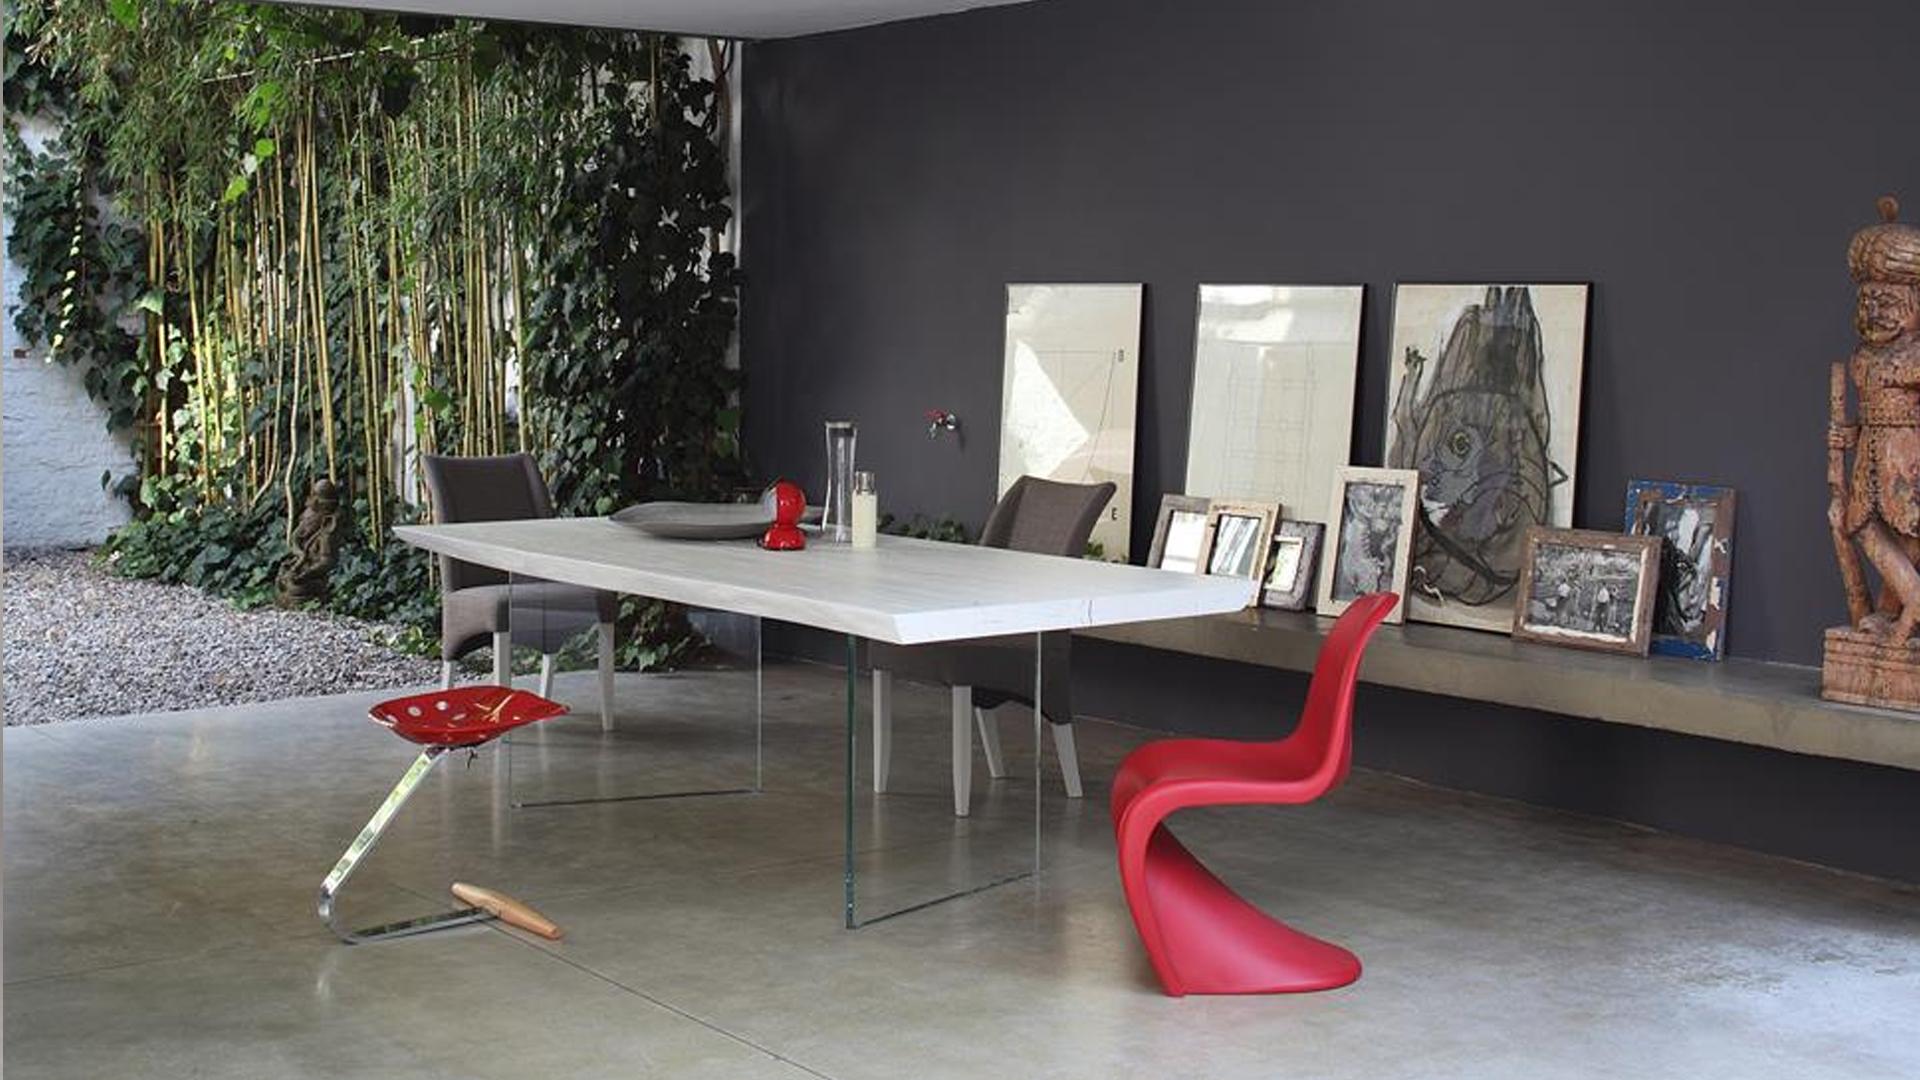 Tavoli Con Gambe Di Vetro : Tavolo collezione free table modello white con gambe in vetro